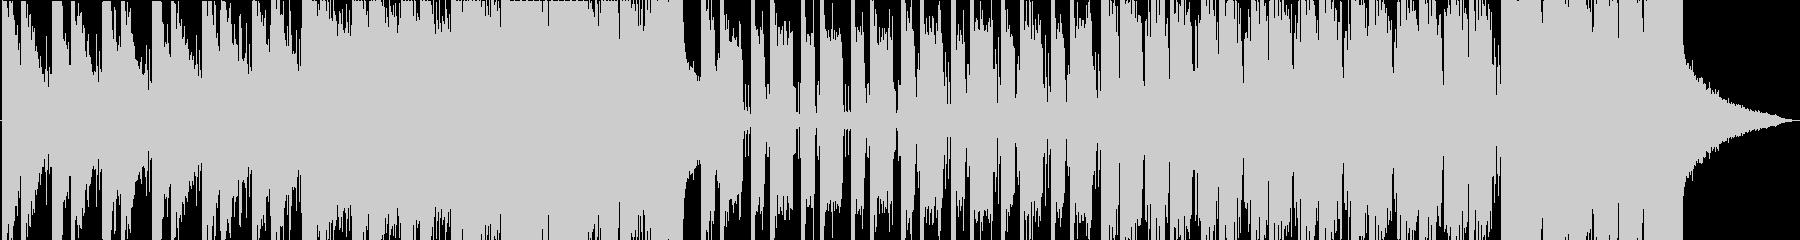 ダークな雰囲気の Future Bassの未再生の波形